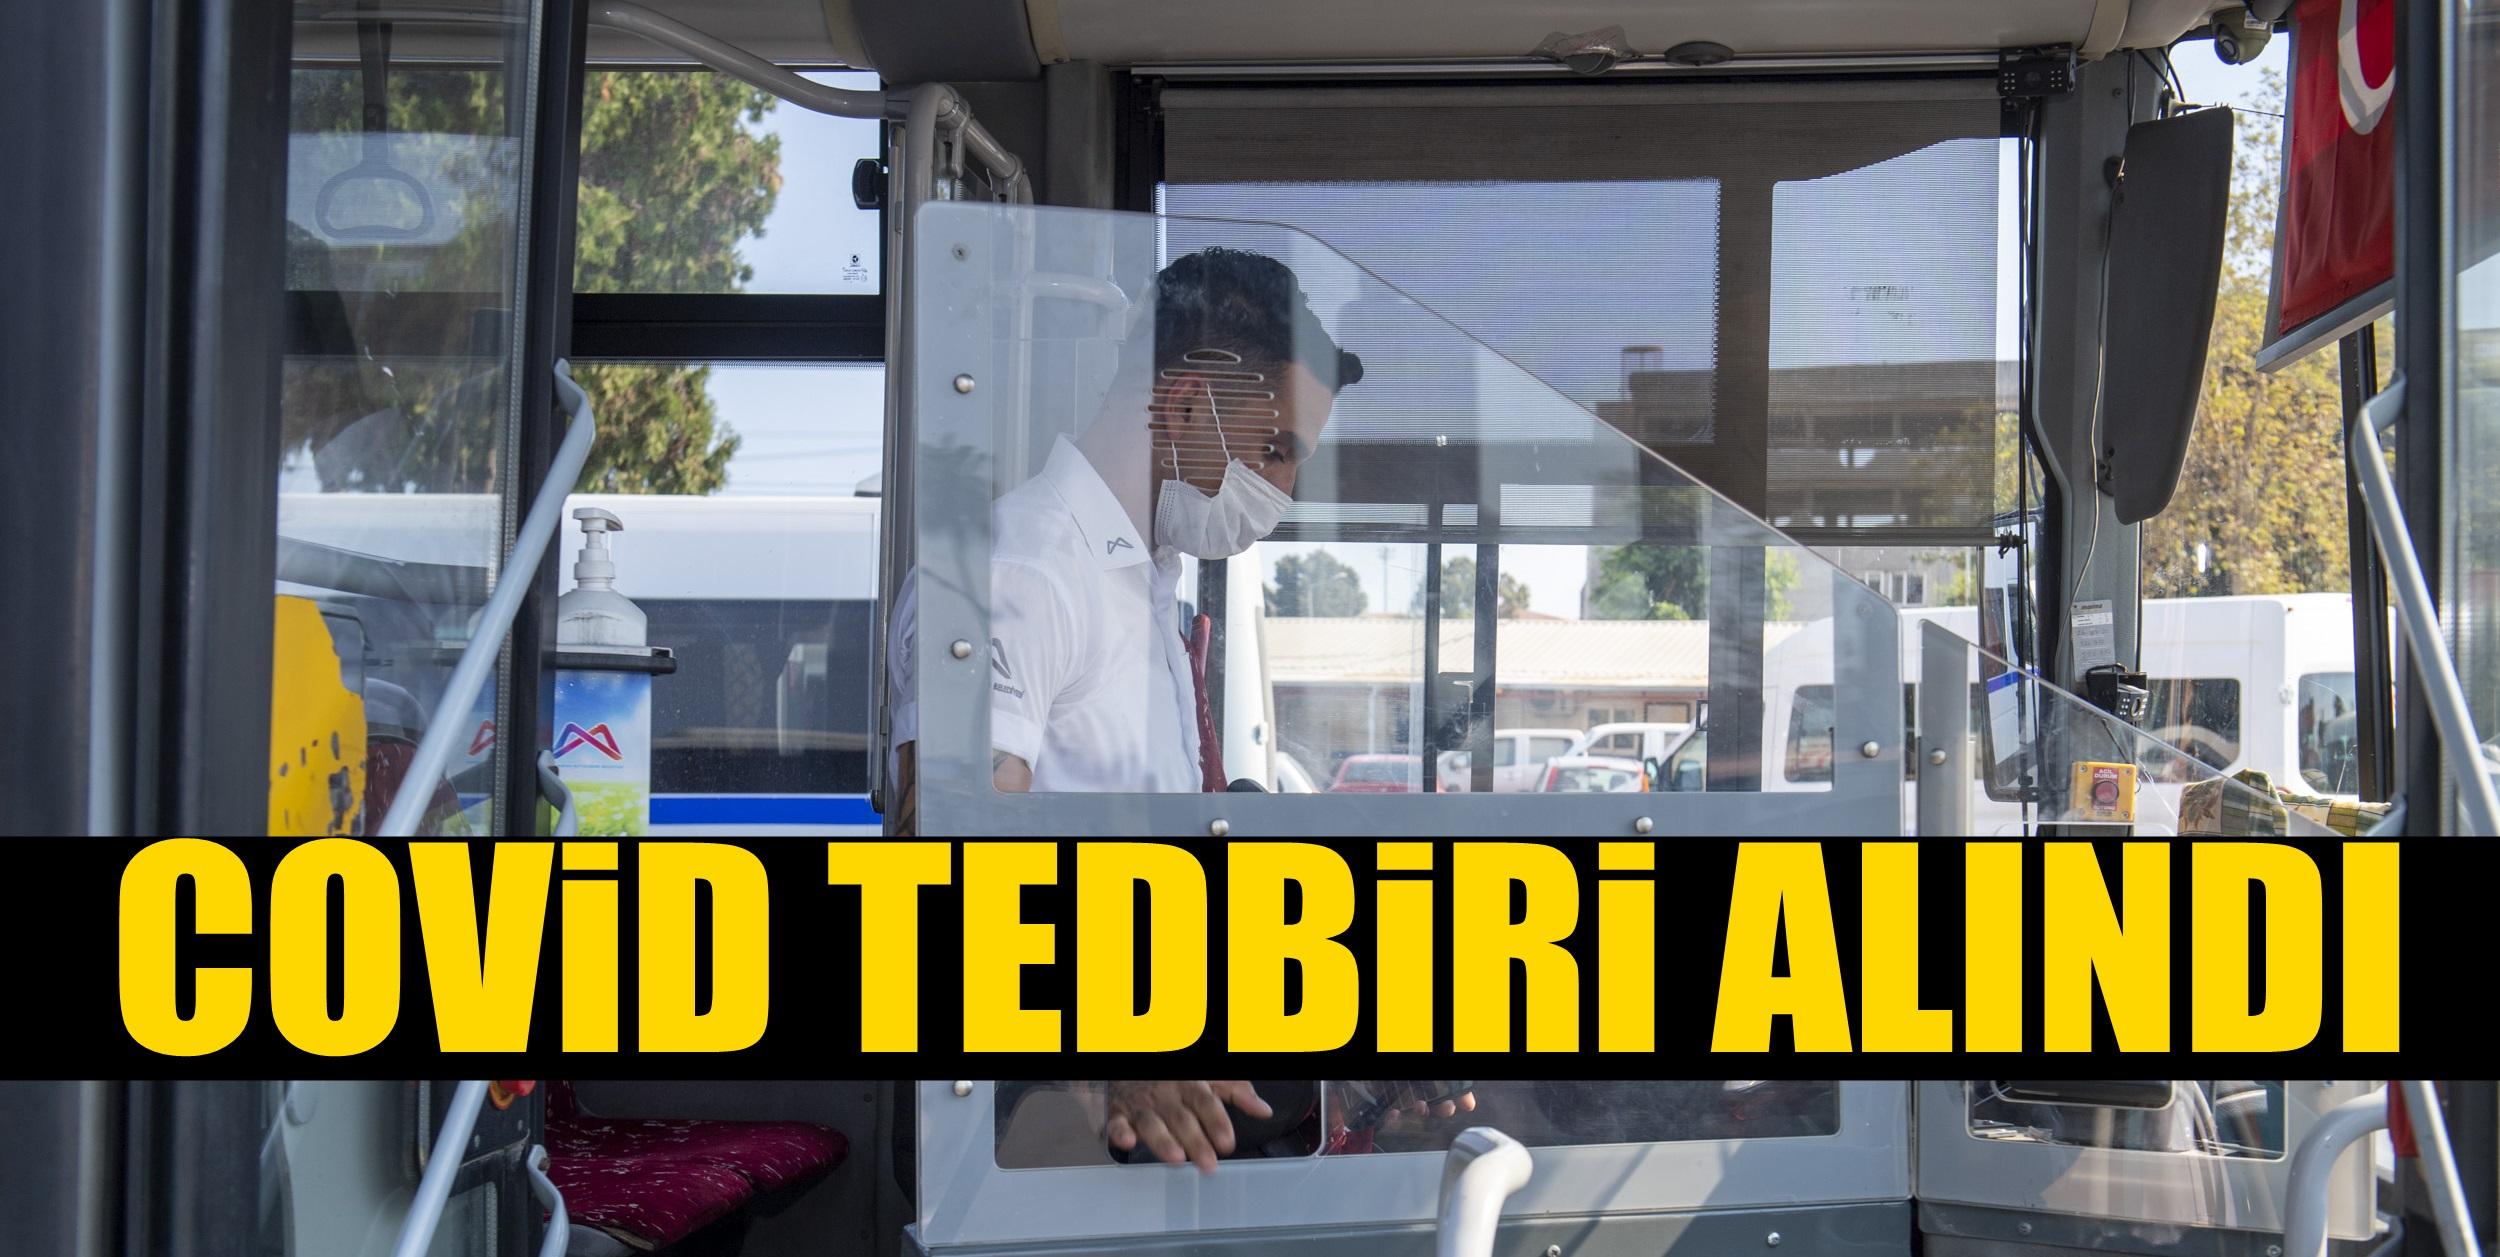 MERSİN BÜYÜKŞEHİR'DEN ULAŞIMDA COVID-19 ÖNLEMİ